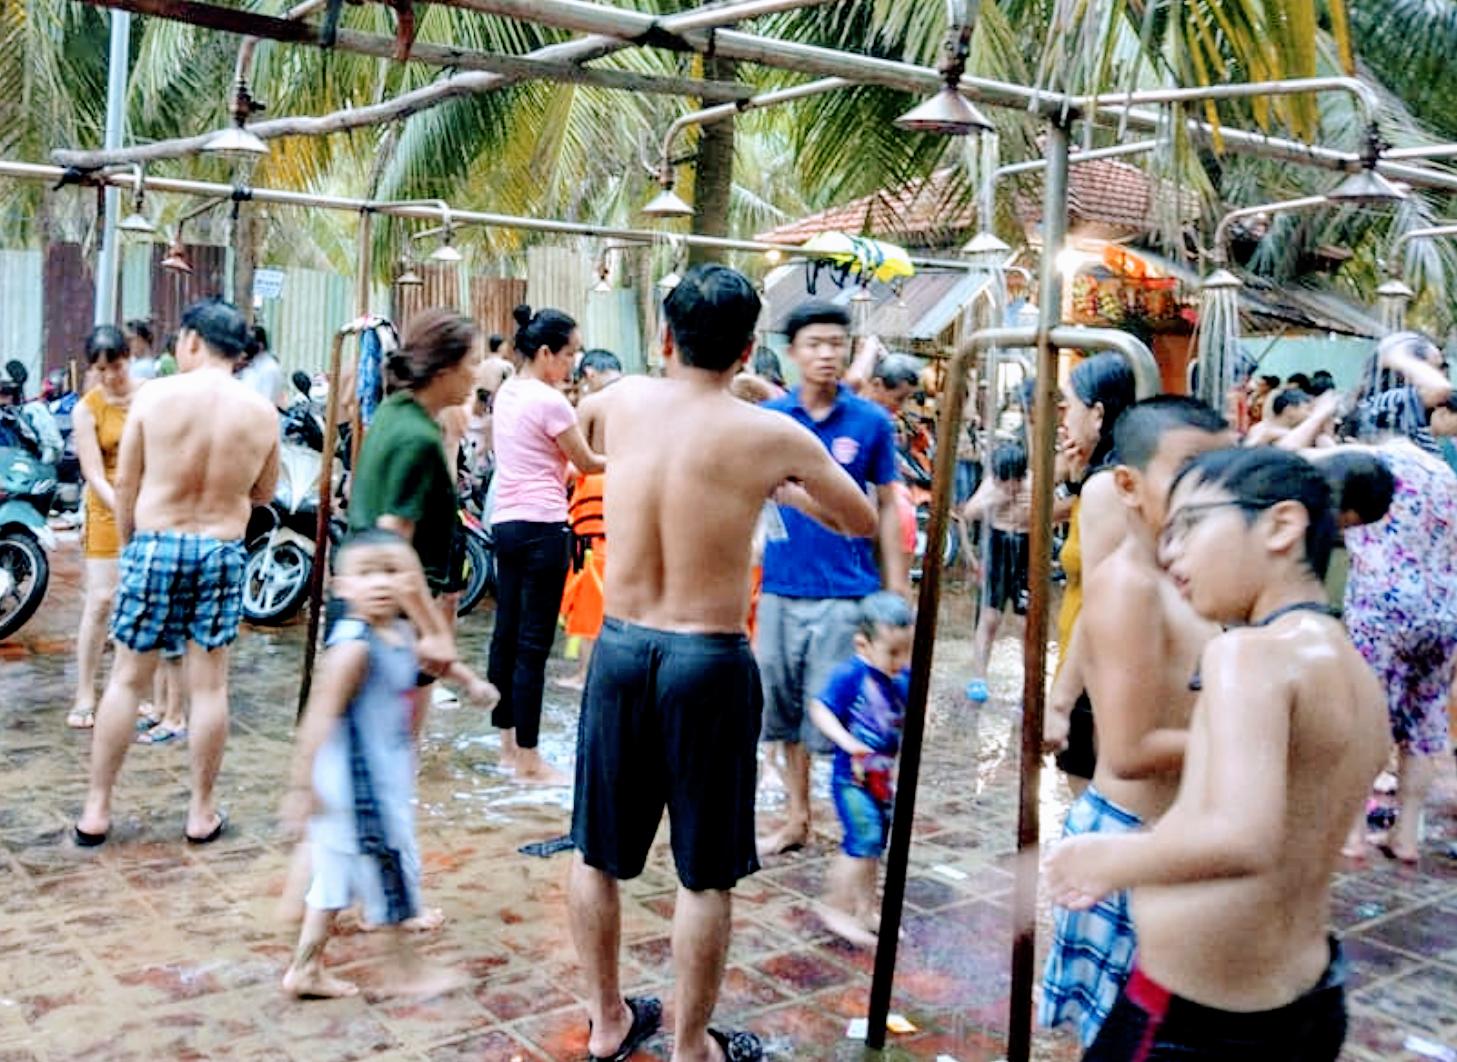 Giá tắm nước ngọt 1.000 đồng/người là quá rẻ, Đà Nẵng tính tăng thời gian tới - Ảnh 1.